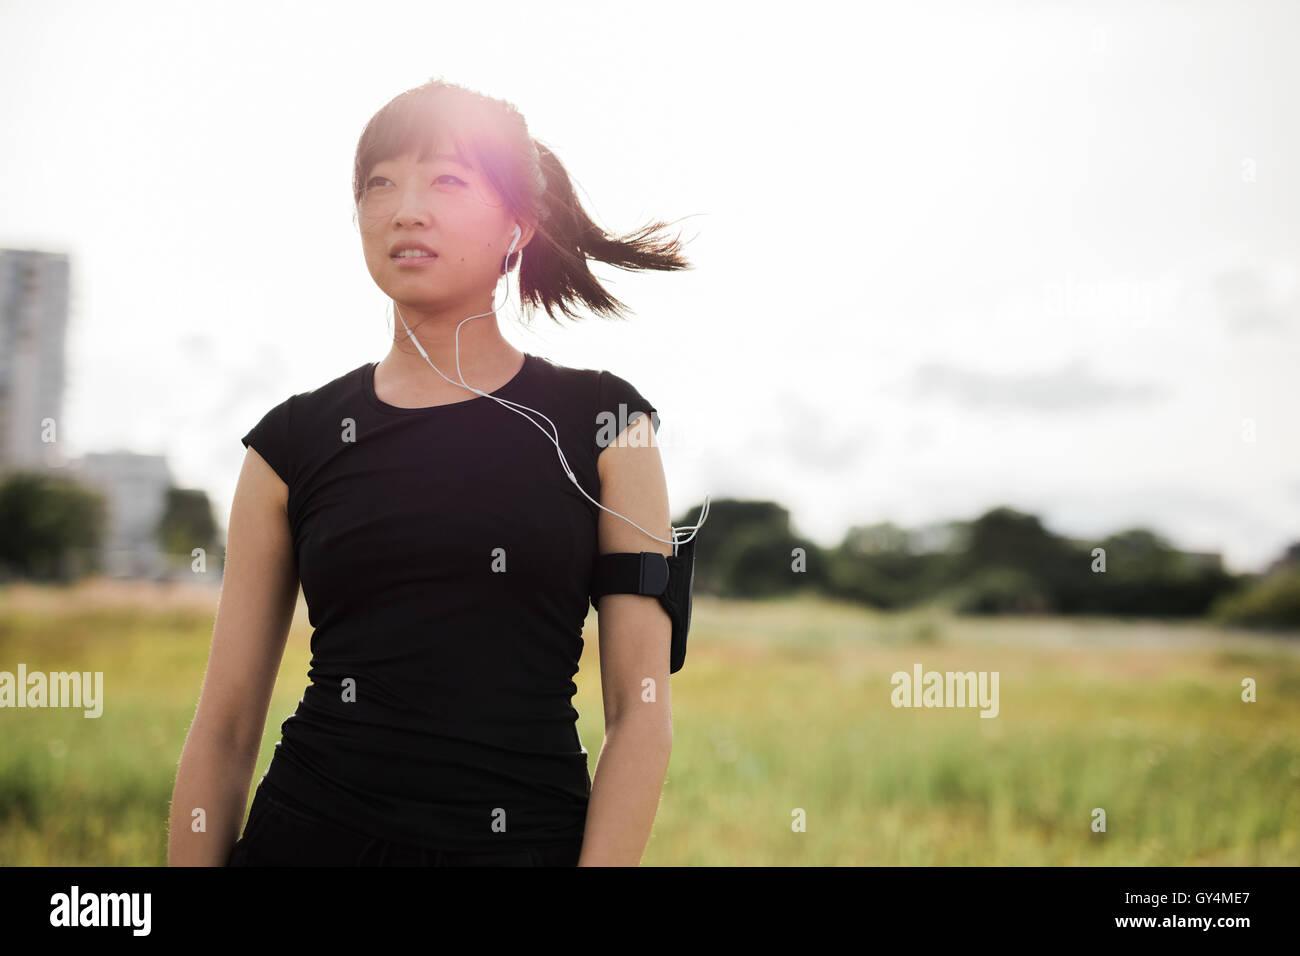 Foto de joven mujer en ropa deportiva de pie afuera en el parque de la ciudad en día soleado y apartar la mirada. Imagen De Stock